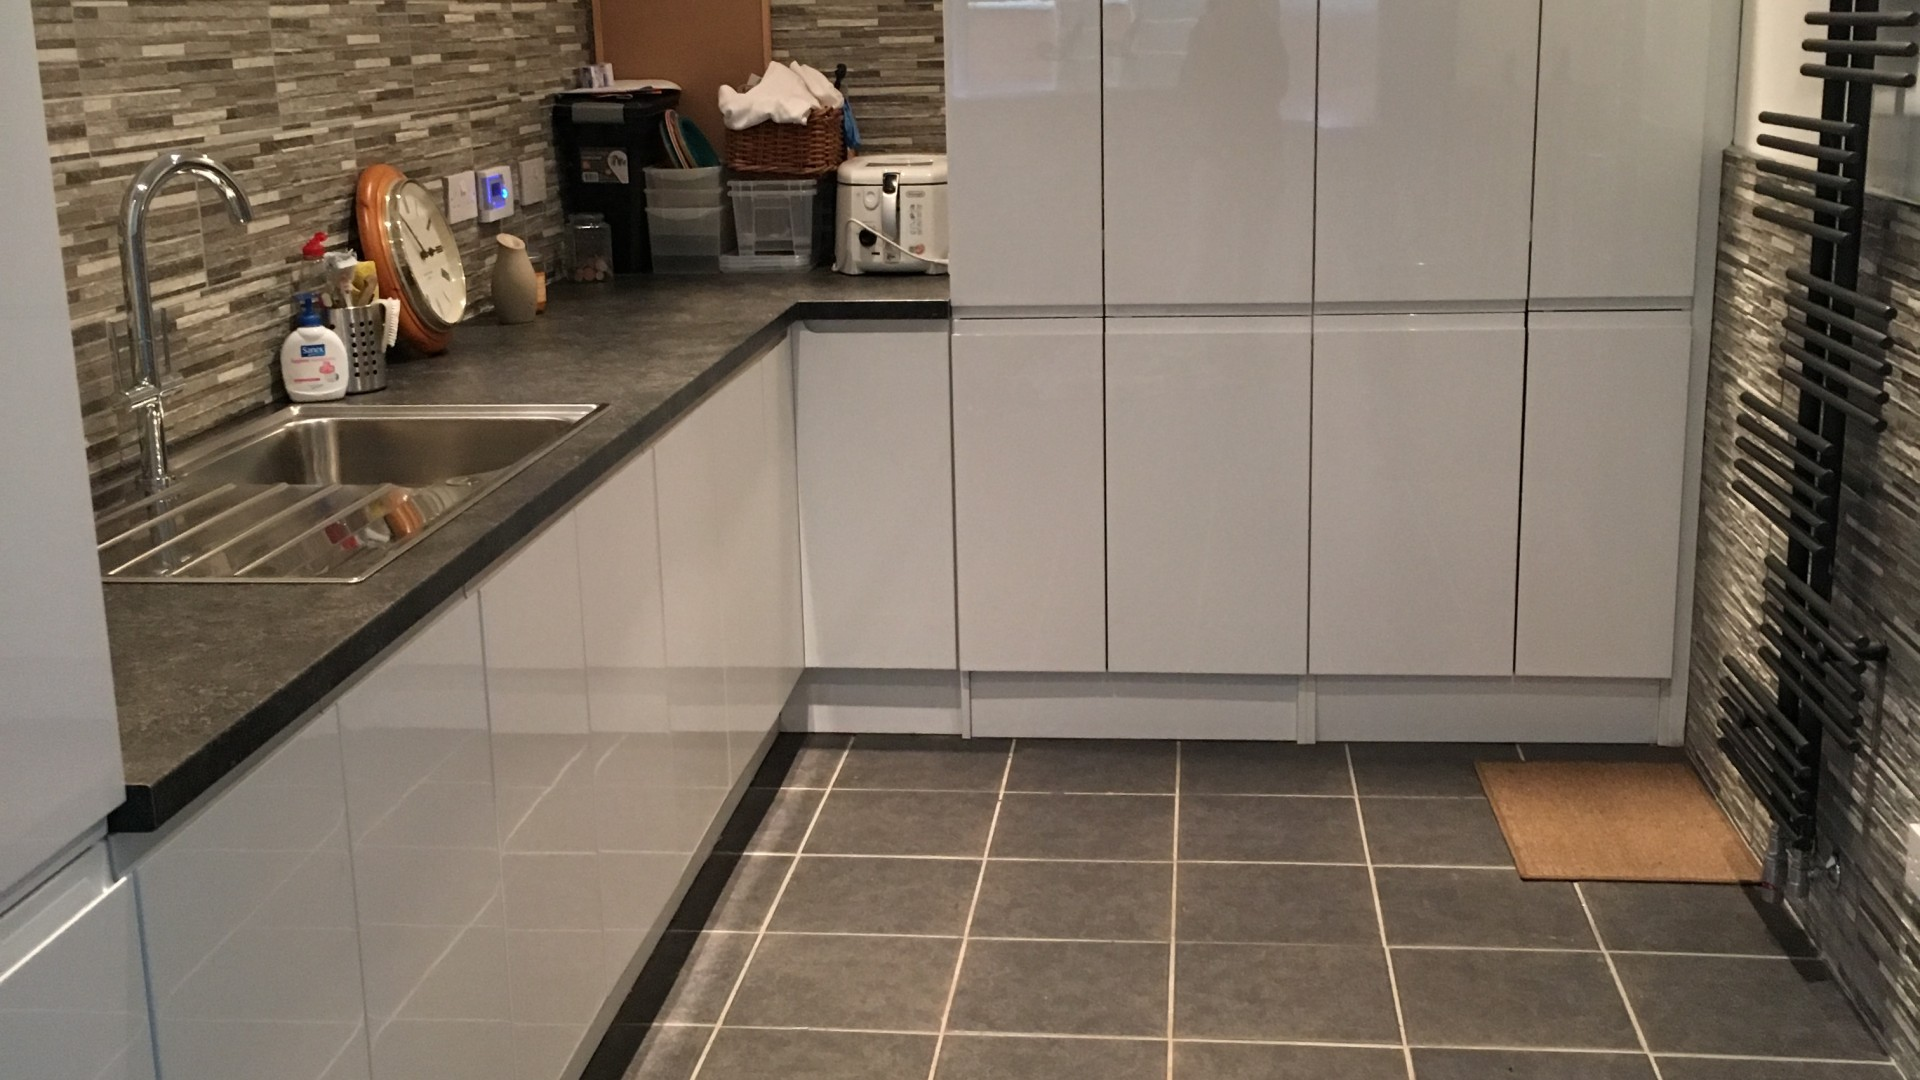 Modern German Kitchen With Corian Worktops British Design Utility Room Baljaffray Aspire Trade Kitchens German And British Built Kitchens To The Trade In Glasgow